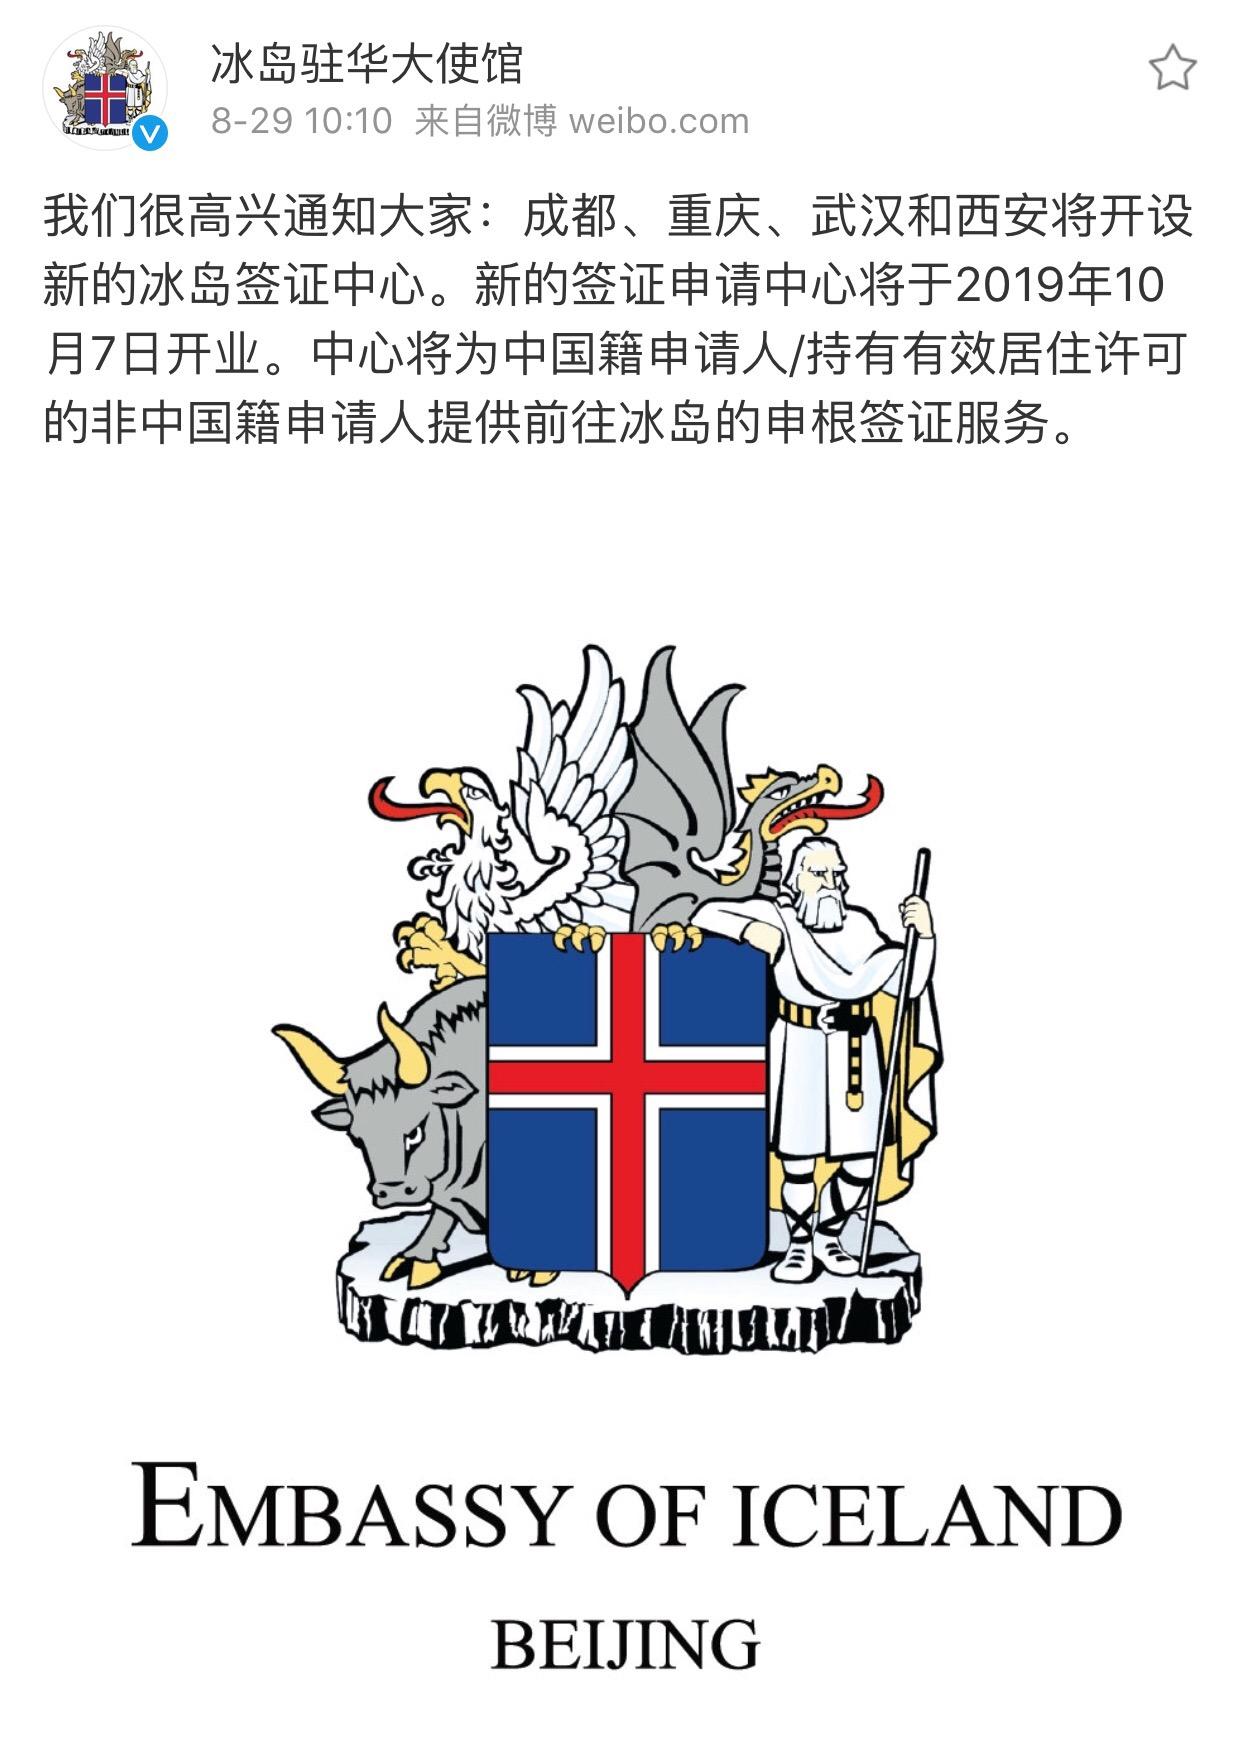 冰岛驻华使馆官网微博截图